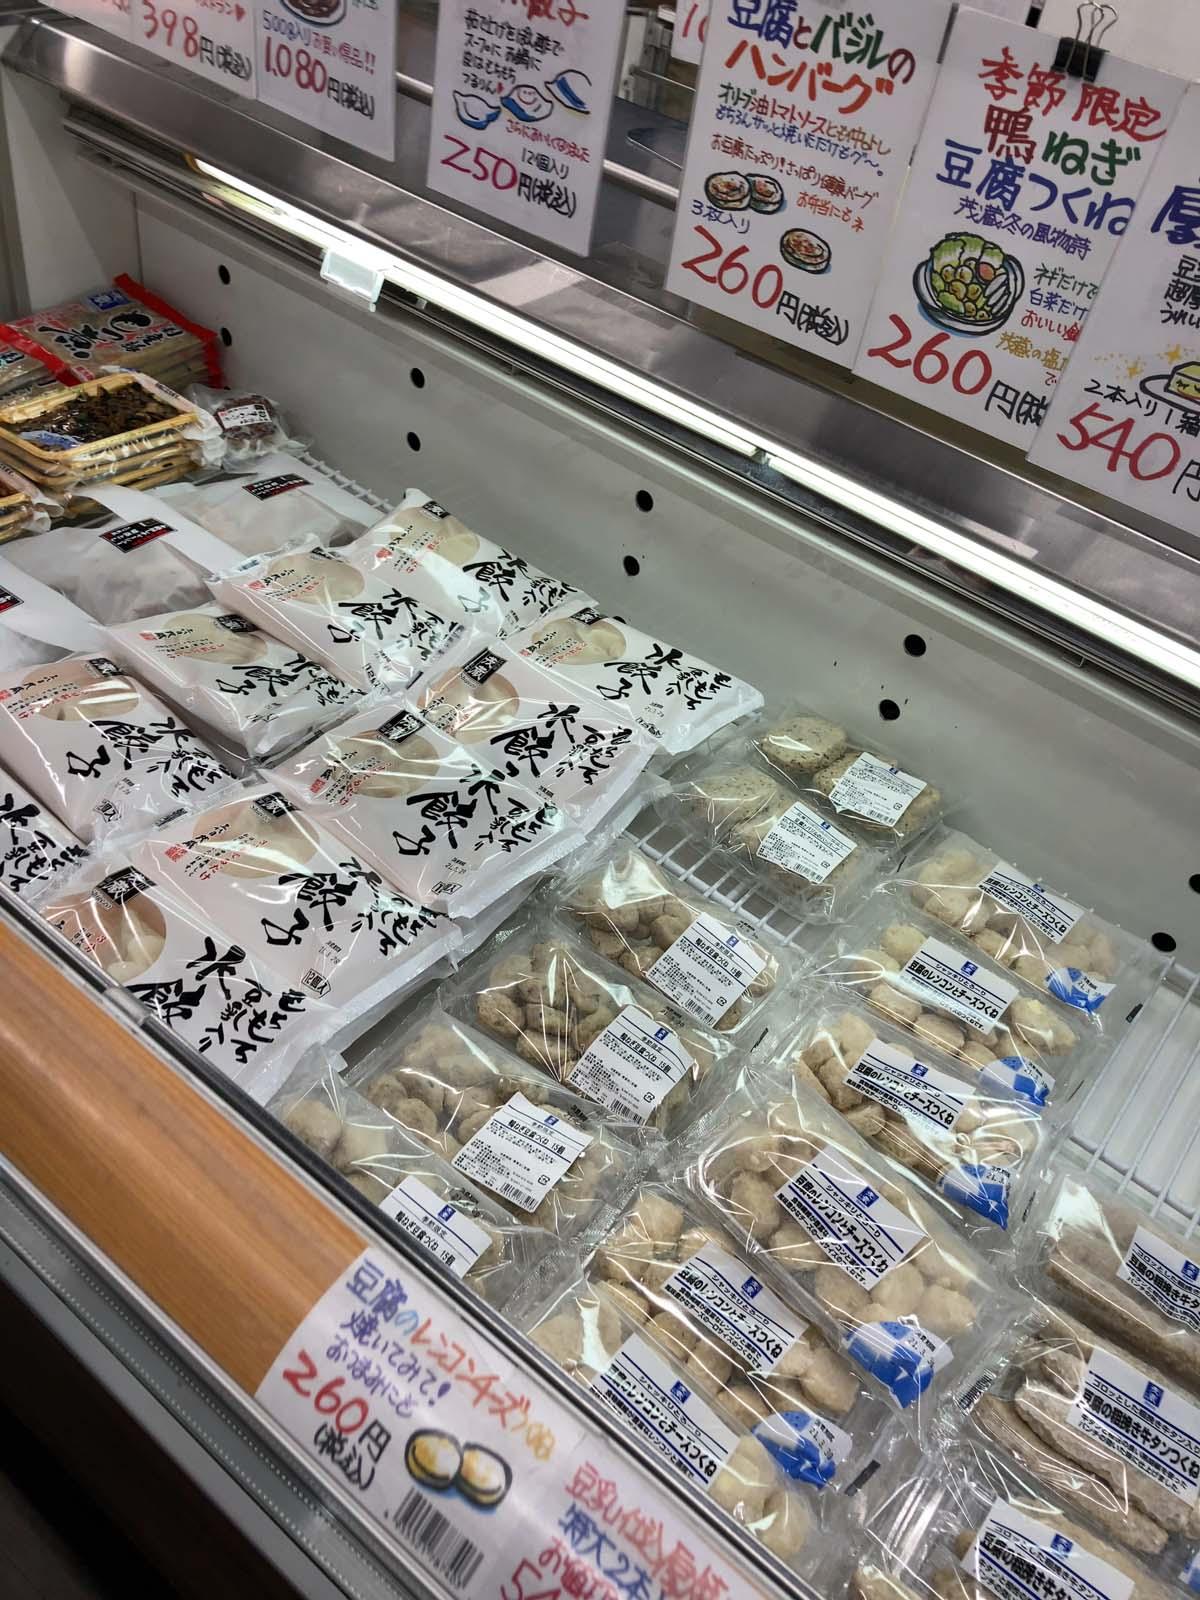 豆腐以外にも水餃子、つくねなど、スープの具材になるものもあります